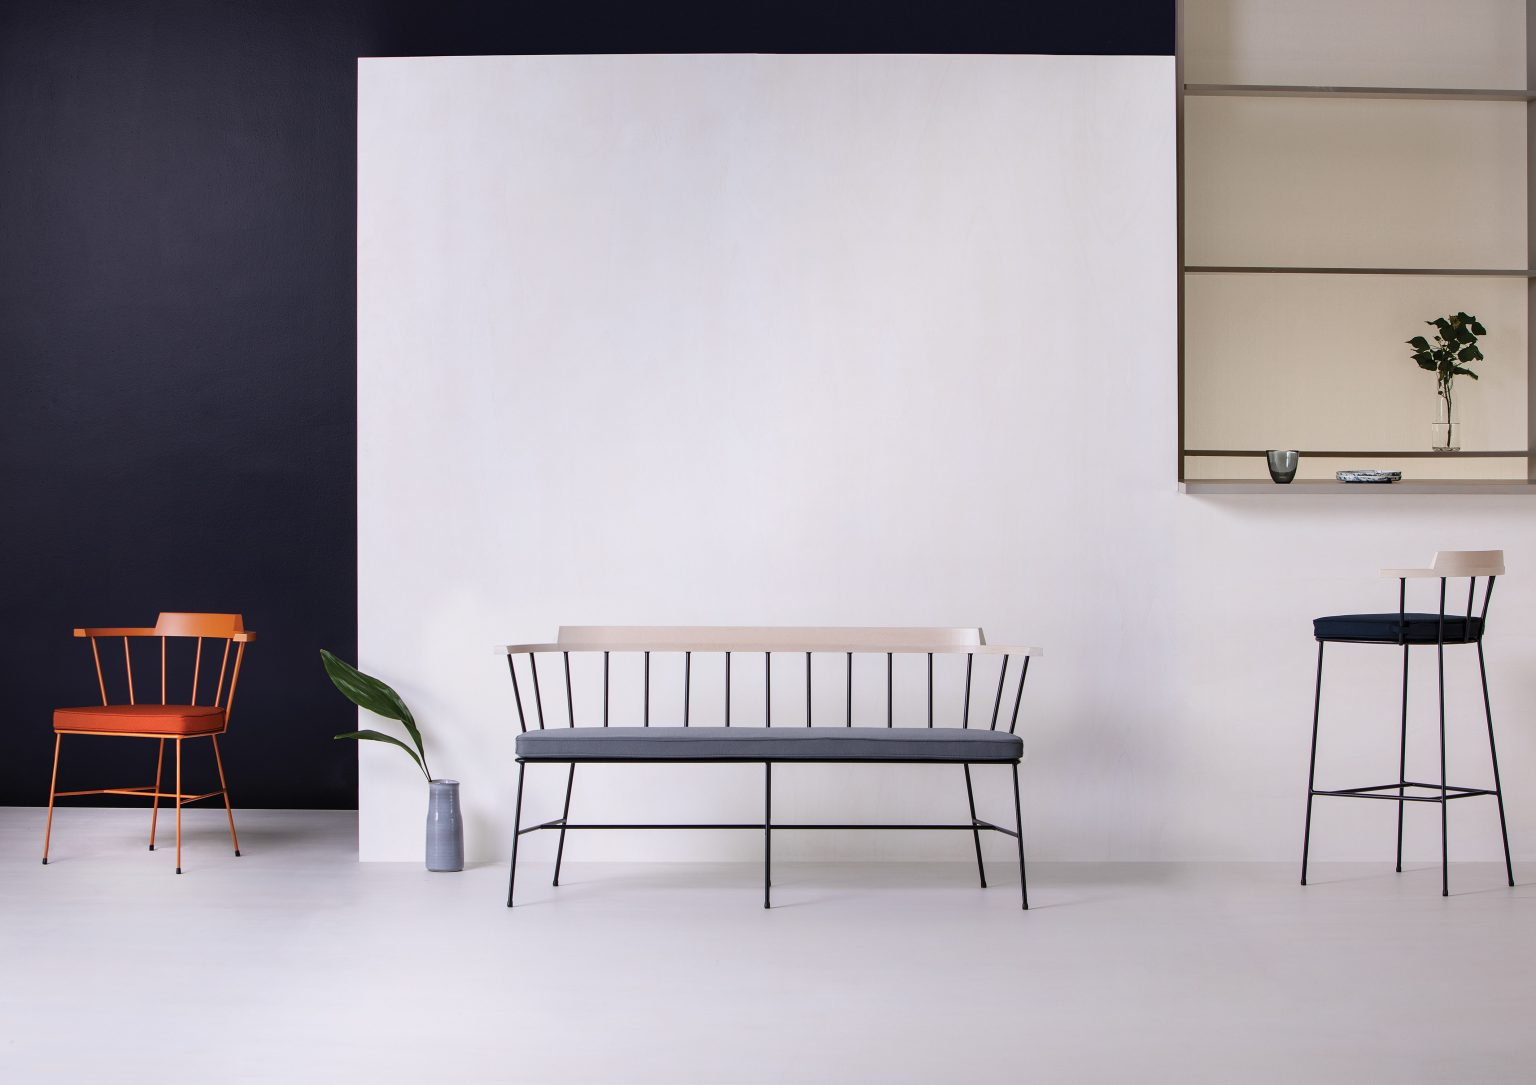 Biennale Interieur - Belgium's leading design and interior event - Verges-mim-set-0019.jpg